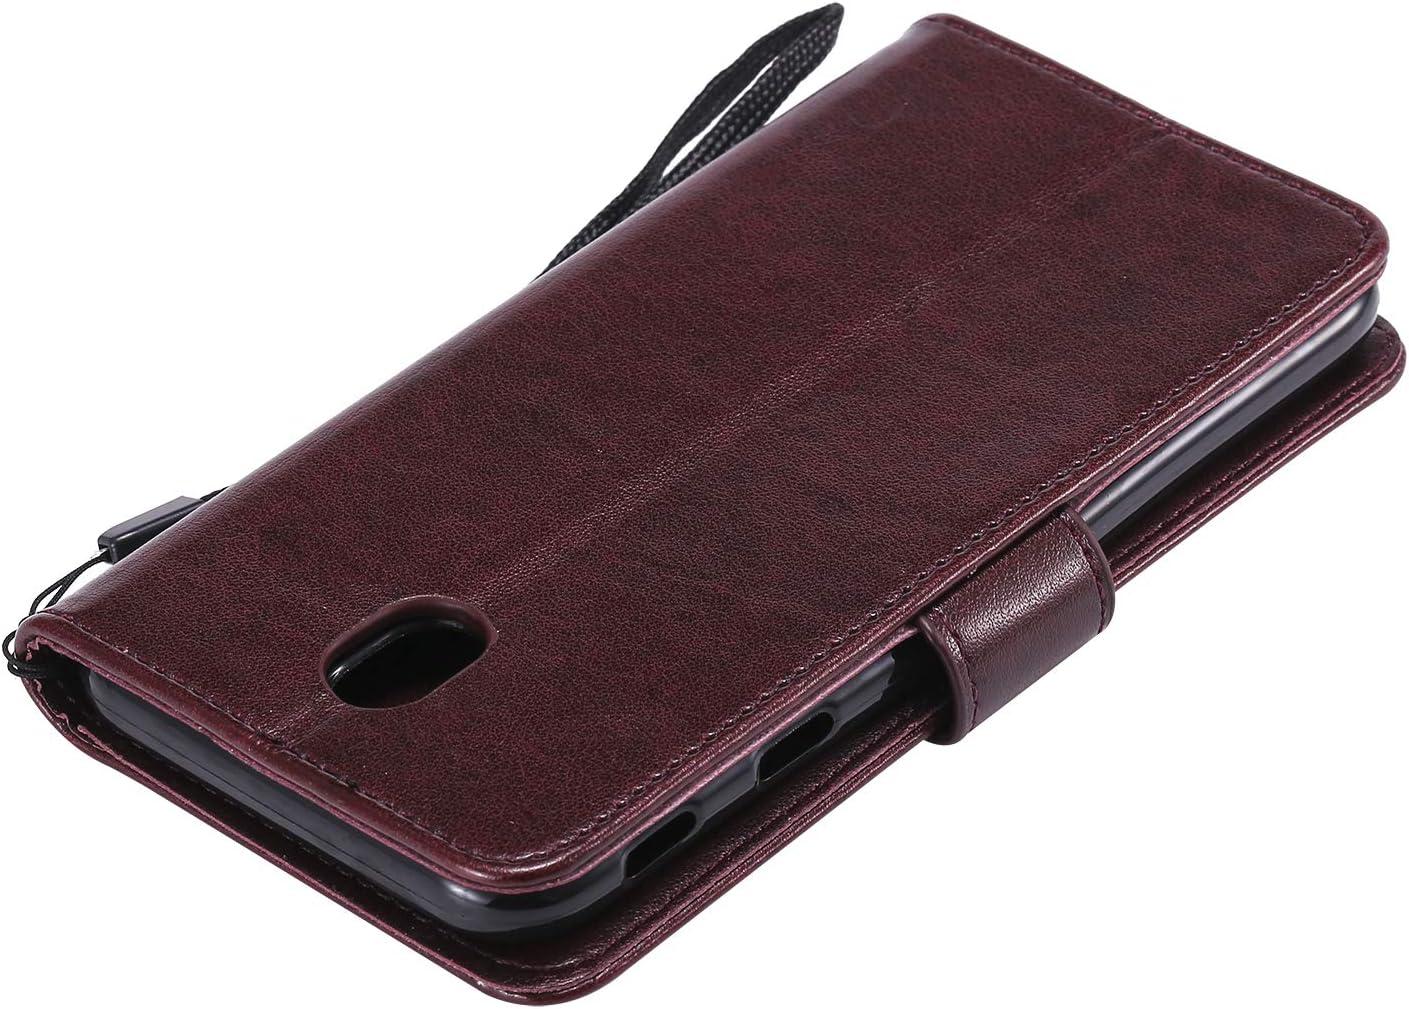 LOHHA130231 Rosso Lomogo Cover Galaxy J5 2017 Portafoglio Custodia a Libro Pelle Porta Carte Chiusura Magnetica Antiurto Flip Wallet Case per Samsung Galaxy J5 2017//J530F